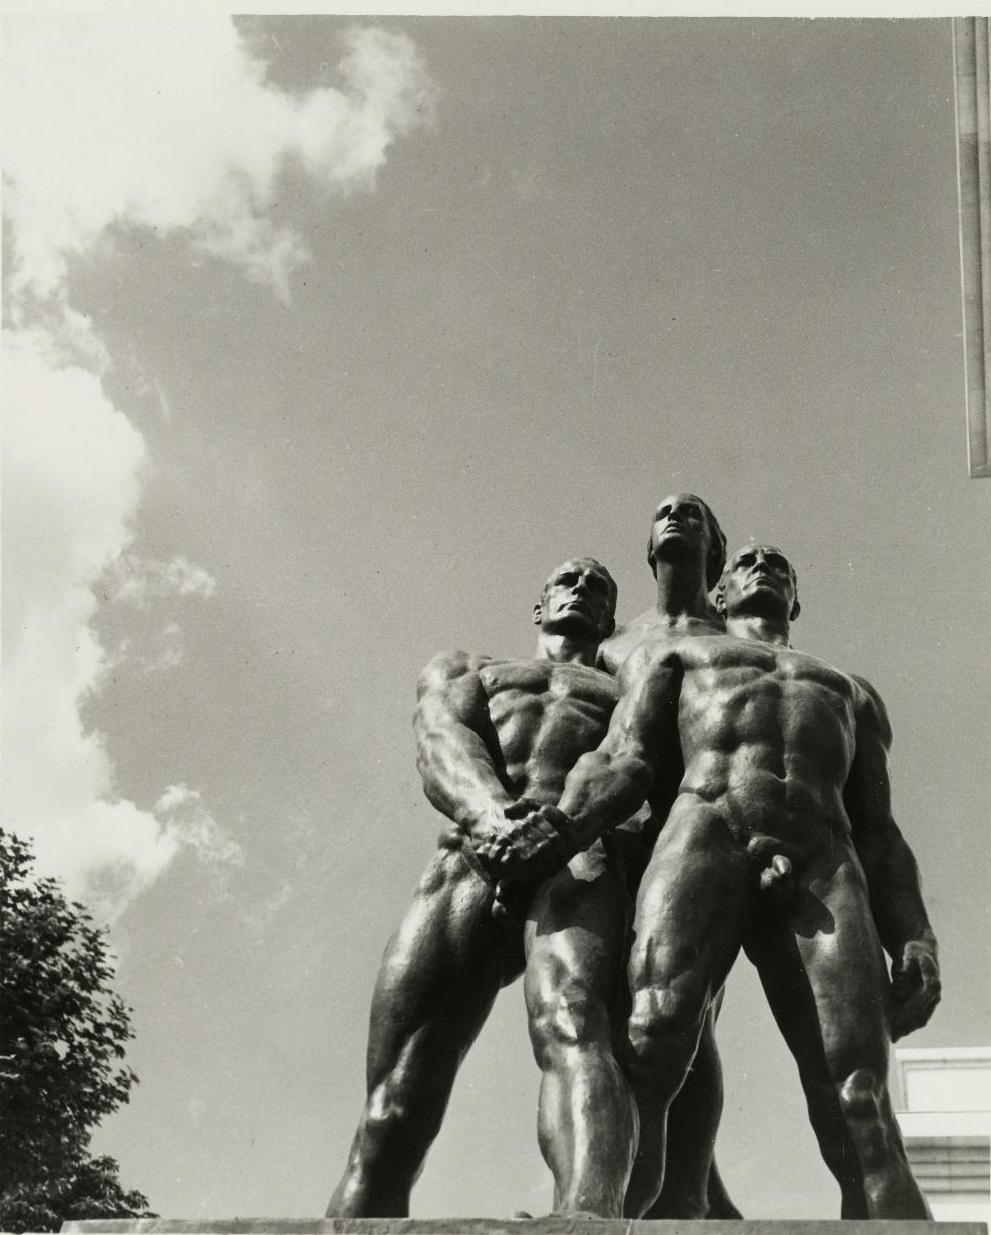 Монументальная композиция  «Братство» работы Йозефа Торака